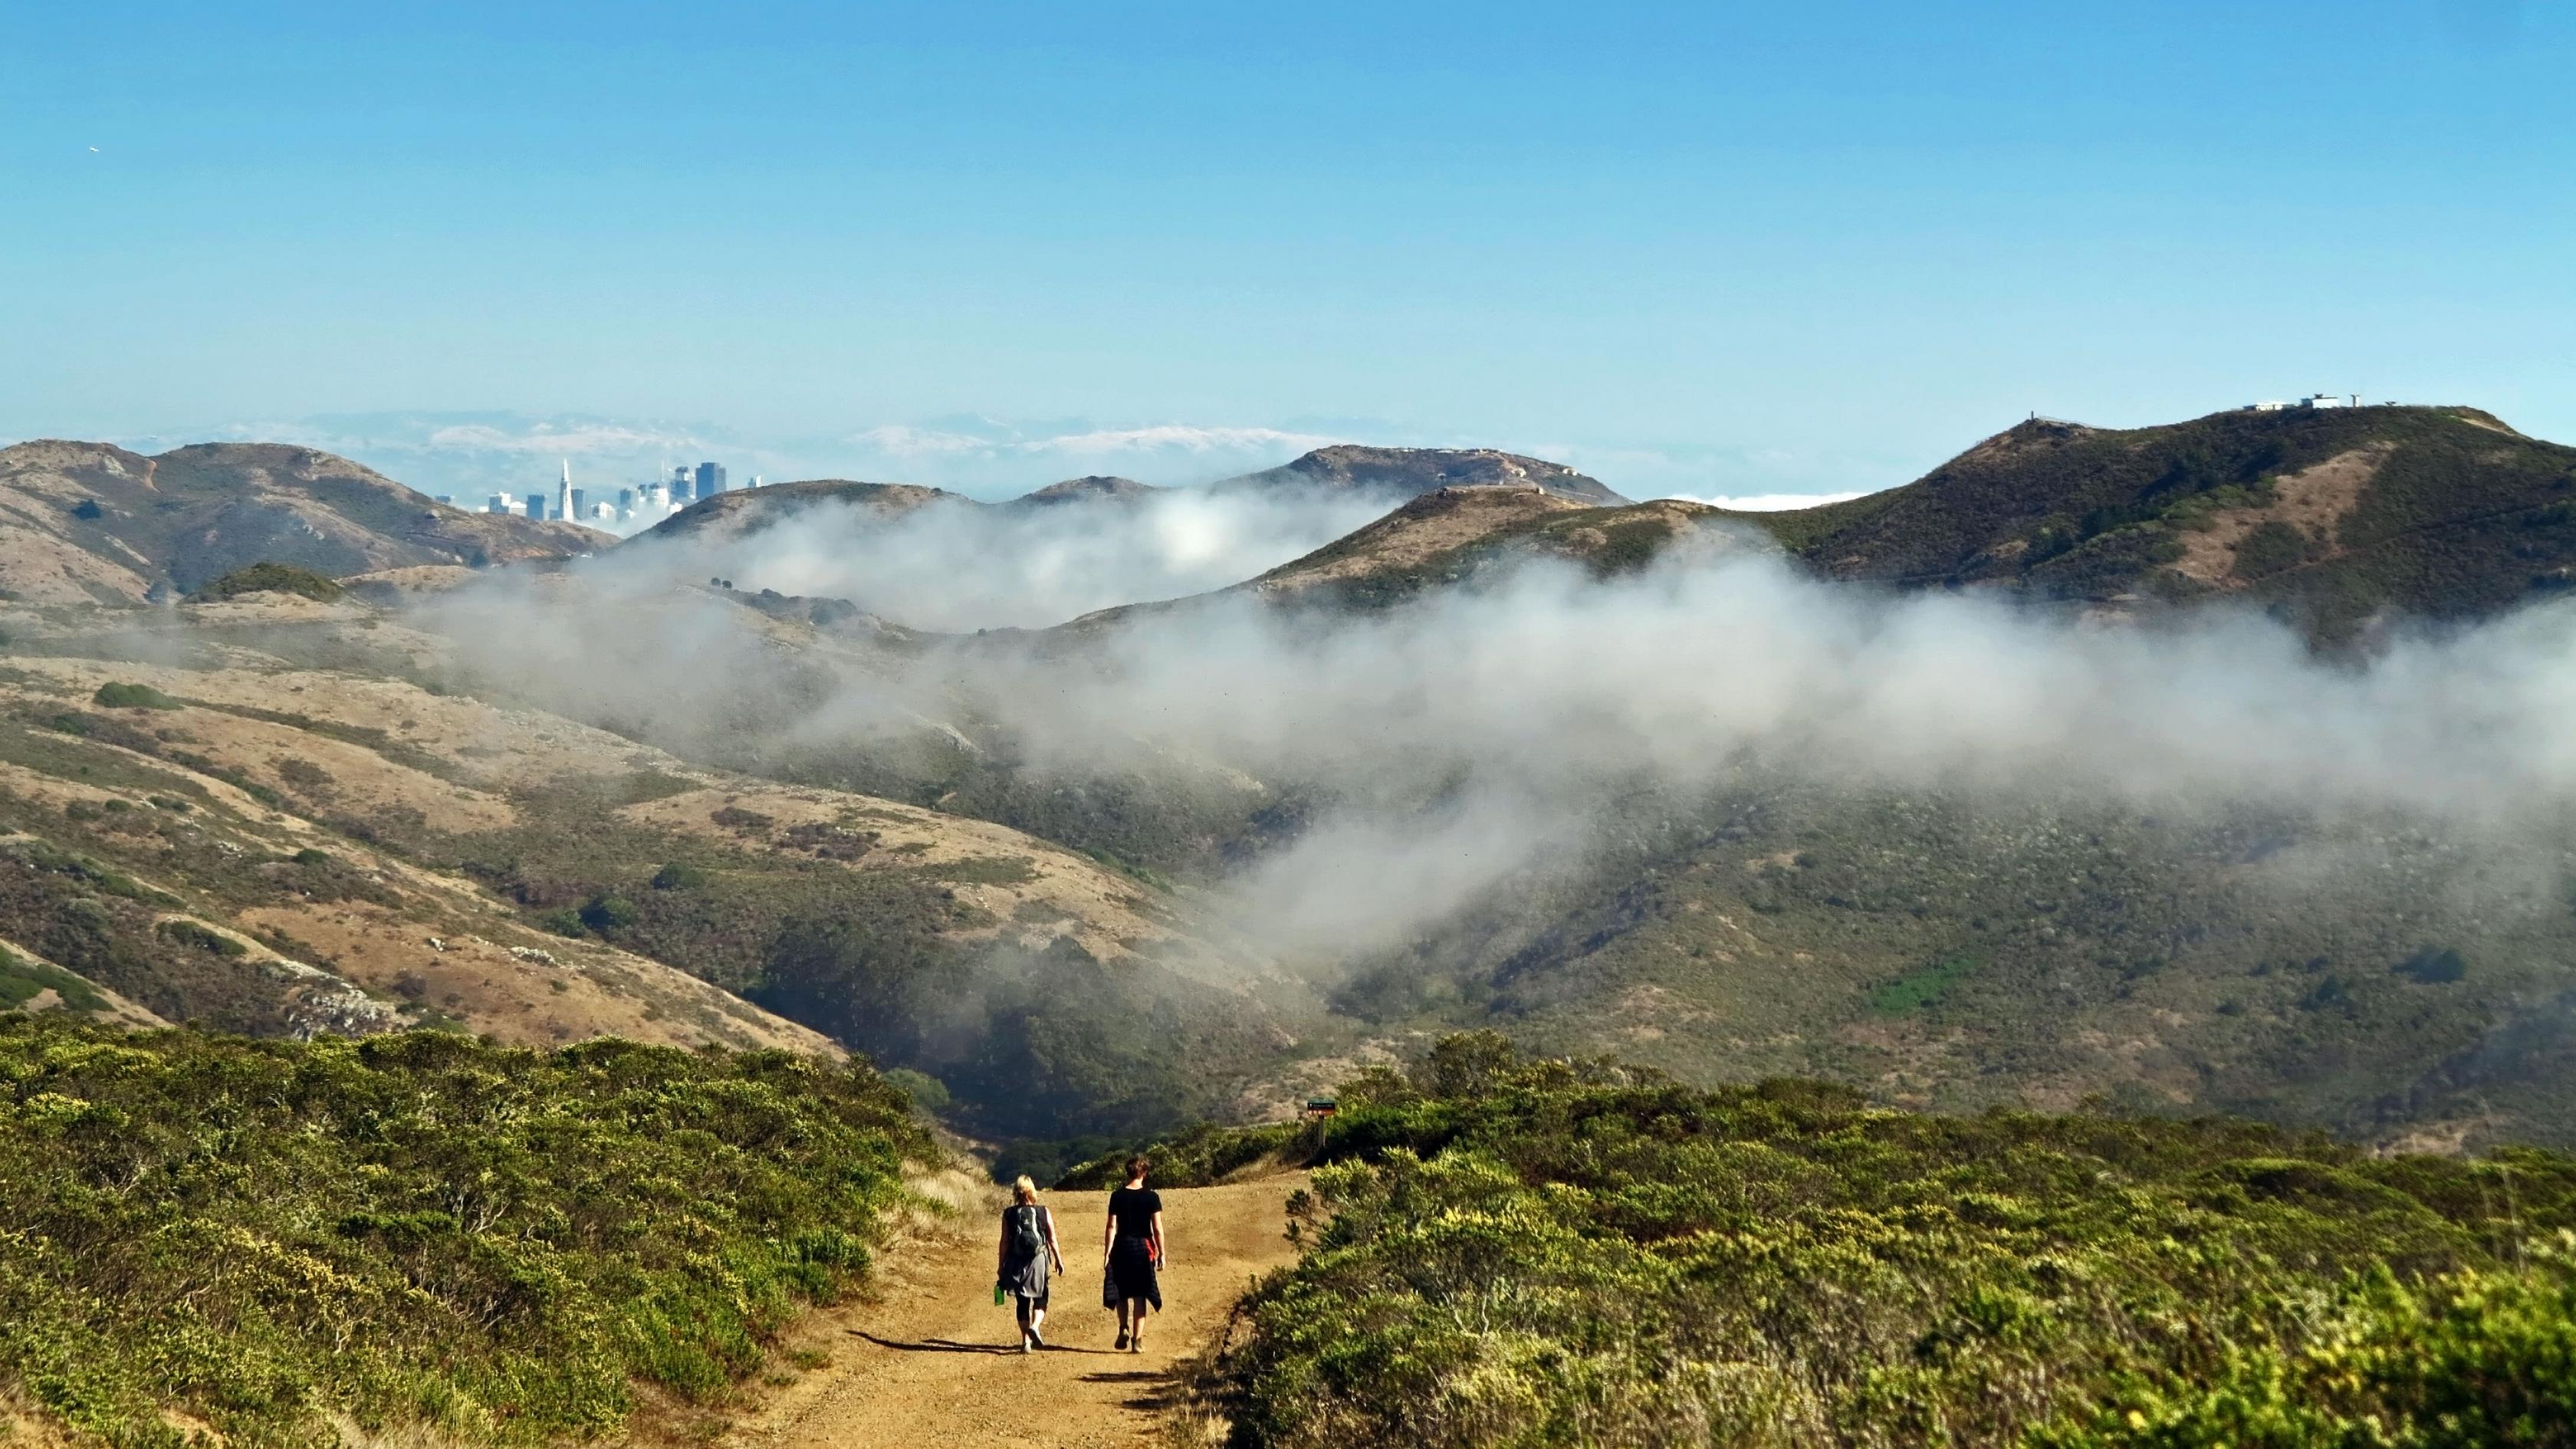 Los excursionistas en los promontorios de Marín en el Golden Gate National Recreation Area.